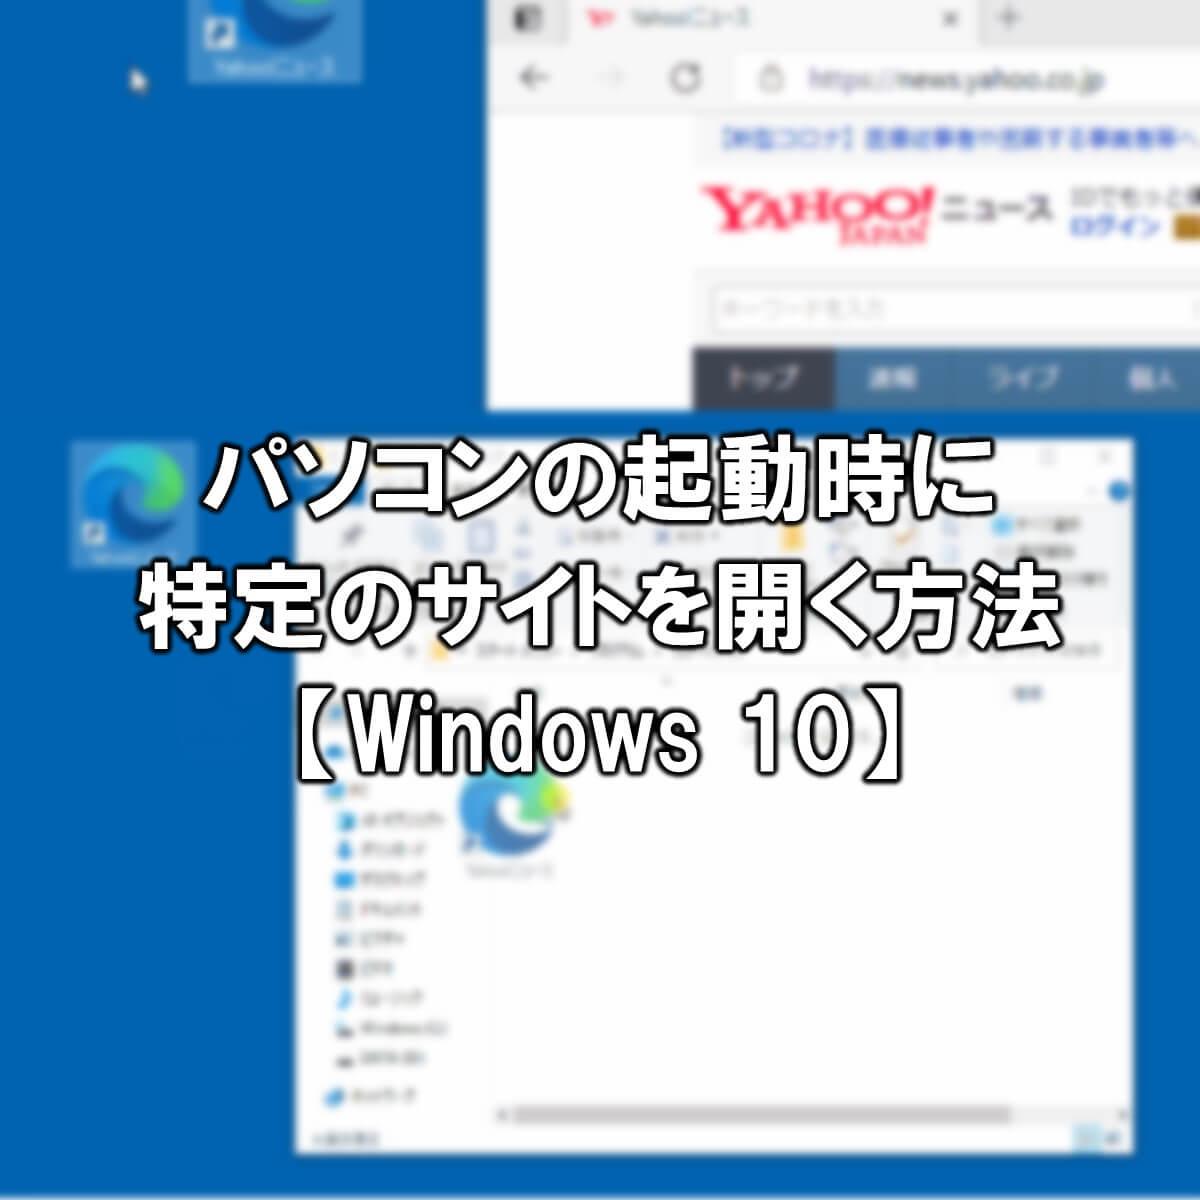 パソコンの起動時に特定のサイトを開く方法